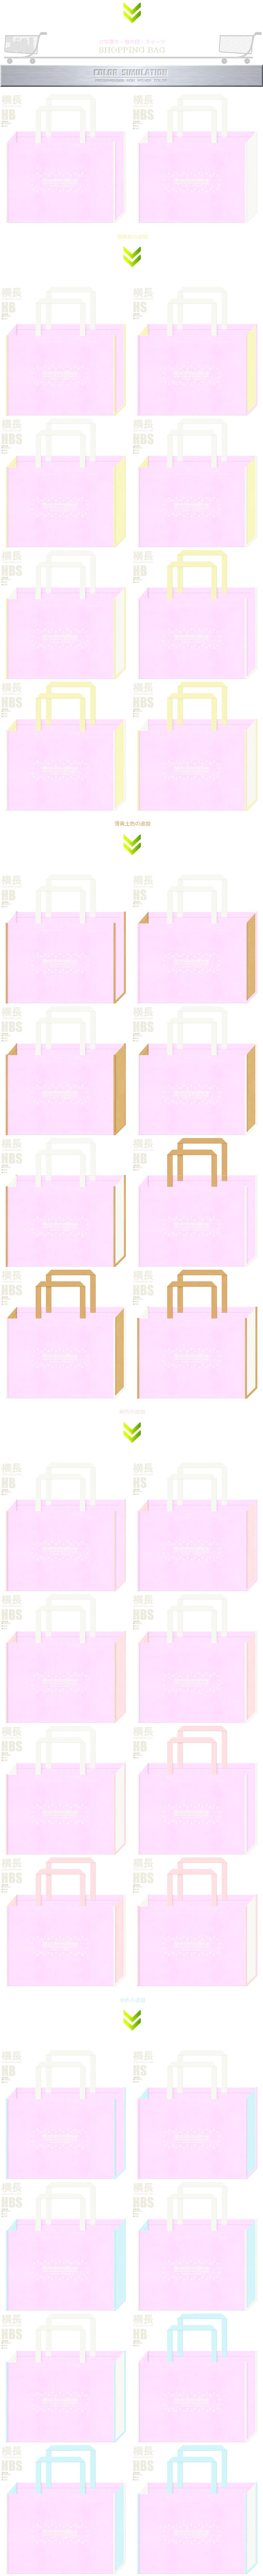 パステルピンク色とオフホワイト色をメインに使用した、ガーリーデザインの不織布バッグのカラーシミュレーション:ひな祭りセール・母の日ギフト・スイーツのショッピングバッグにバッグにお奨めです。